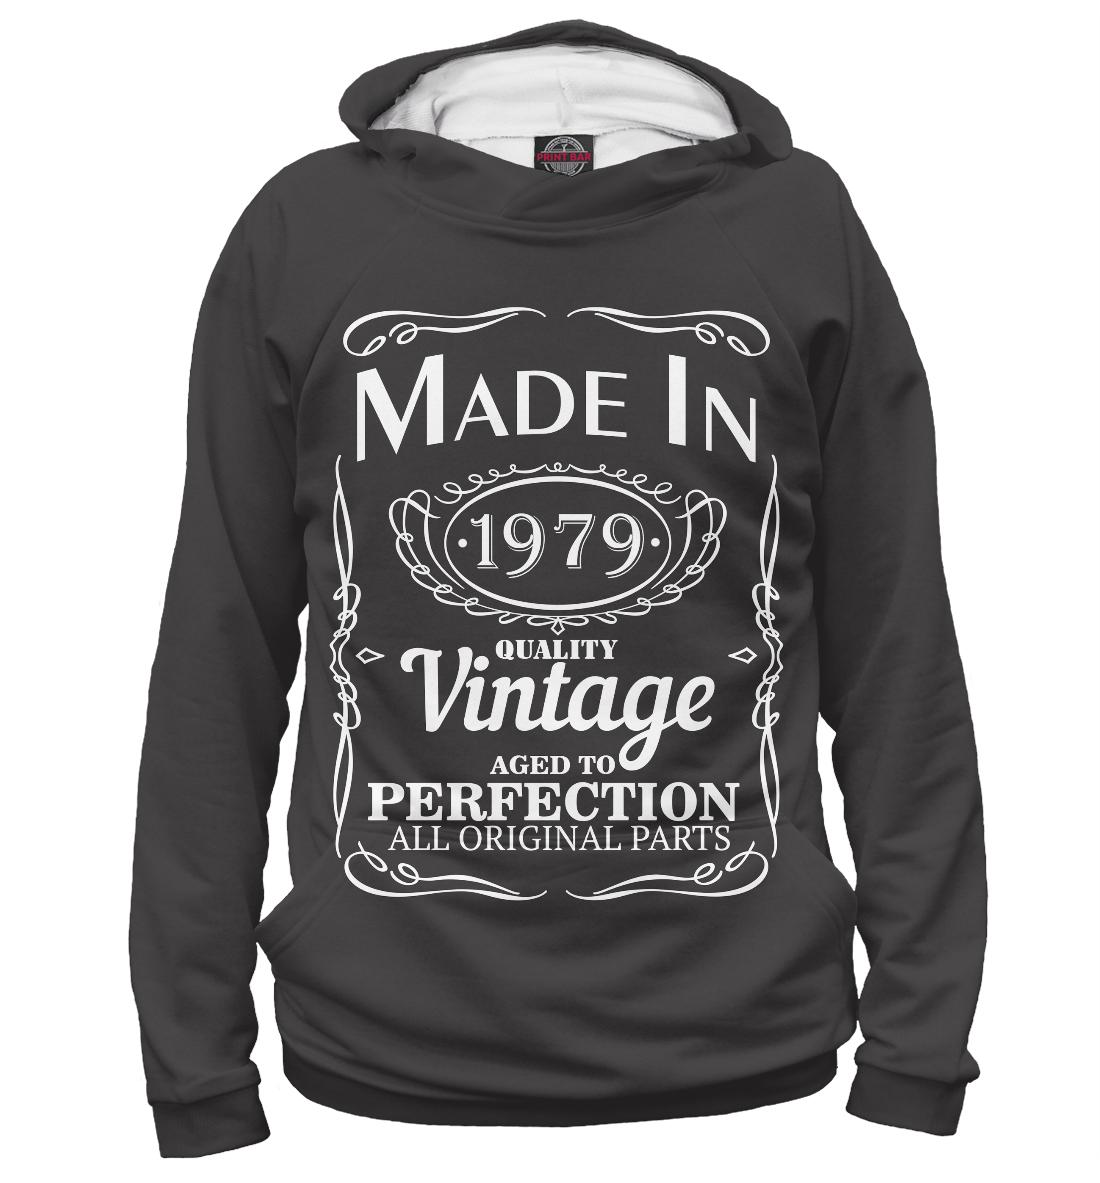 Купить Сделано в 1979, Printbar, Худи, DSD-776686-hud-1